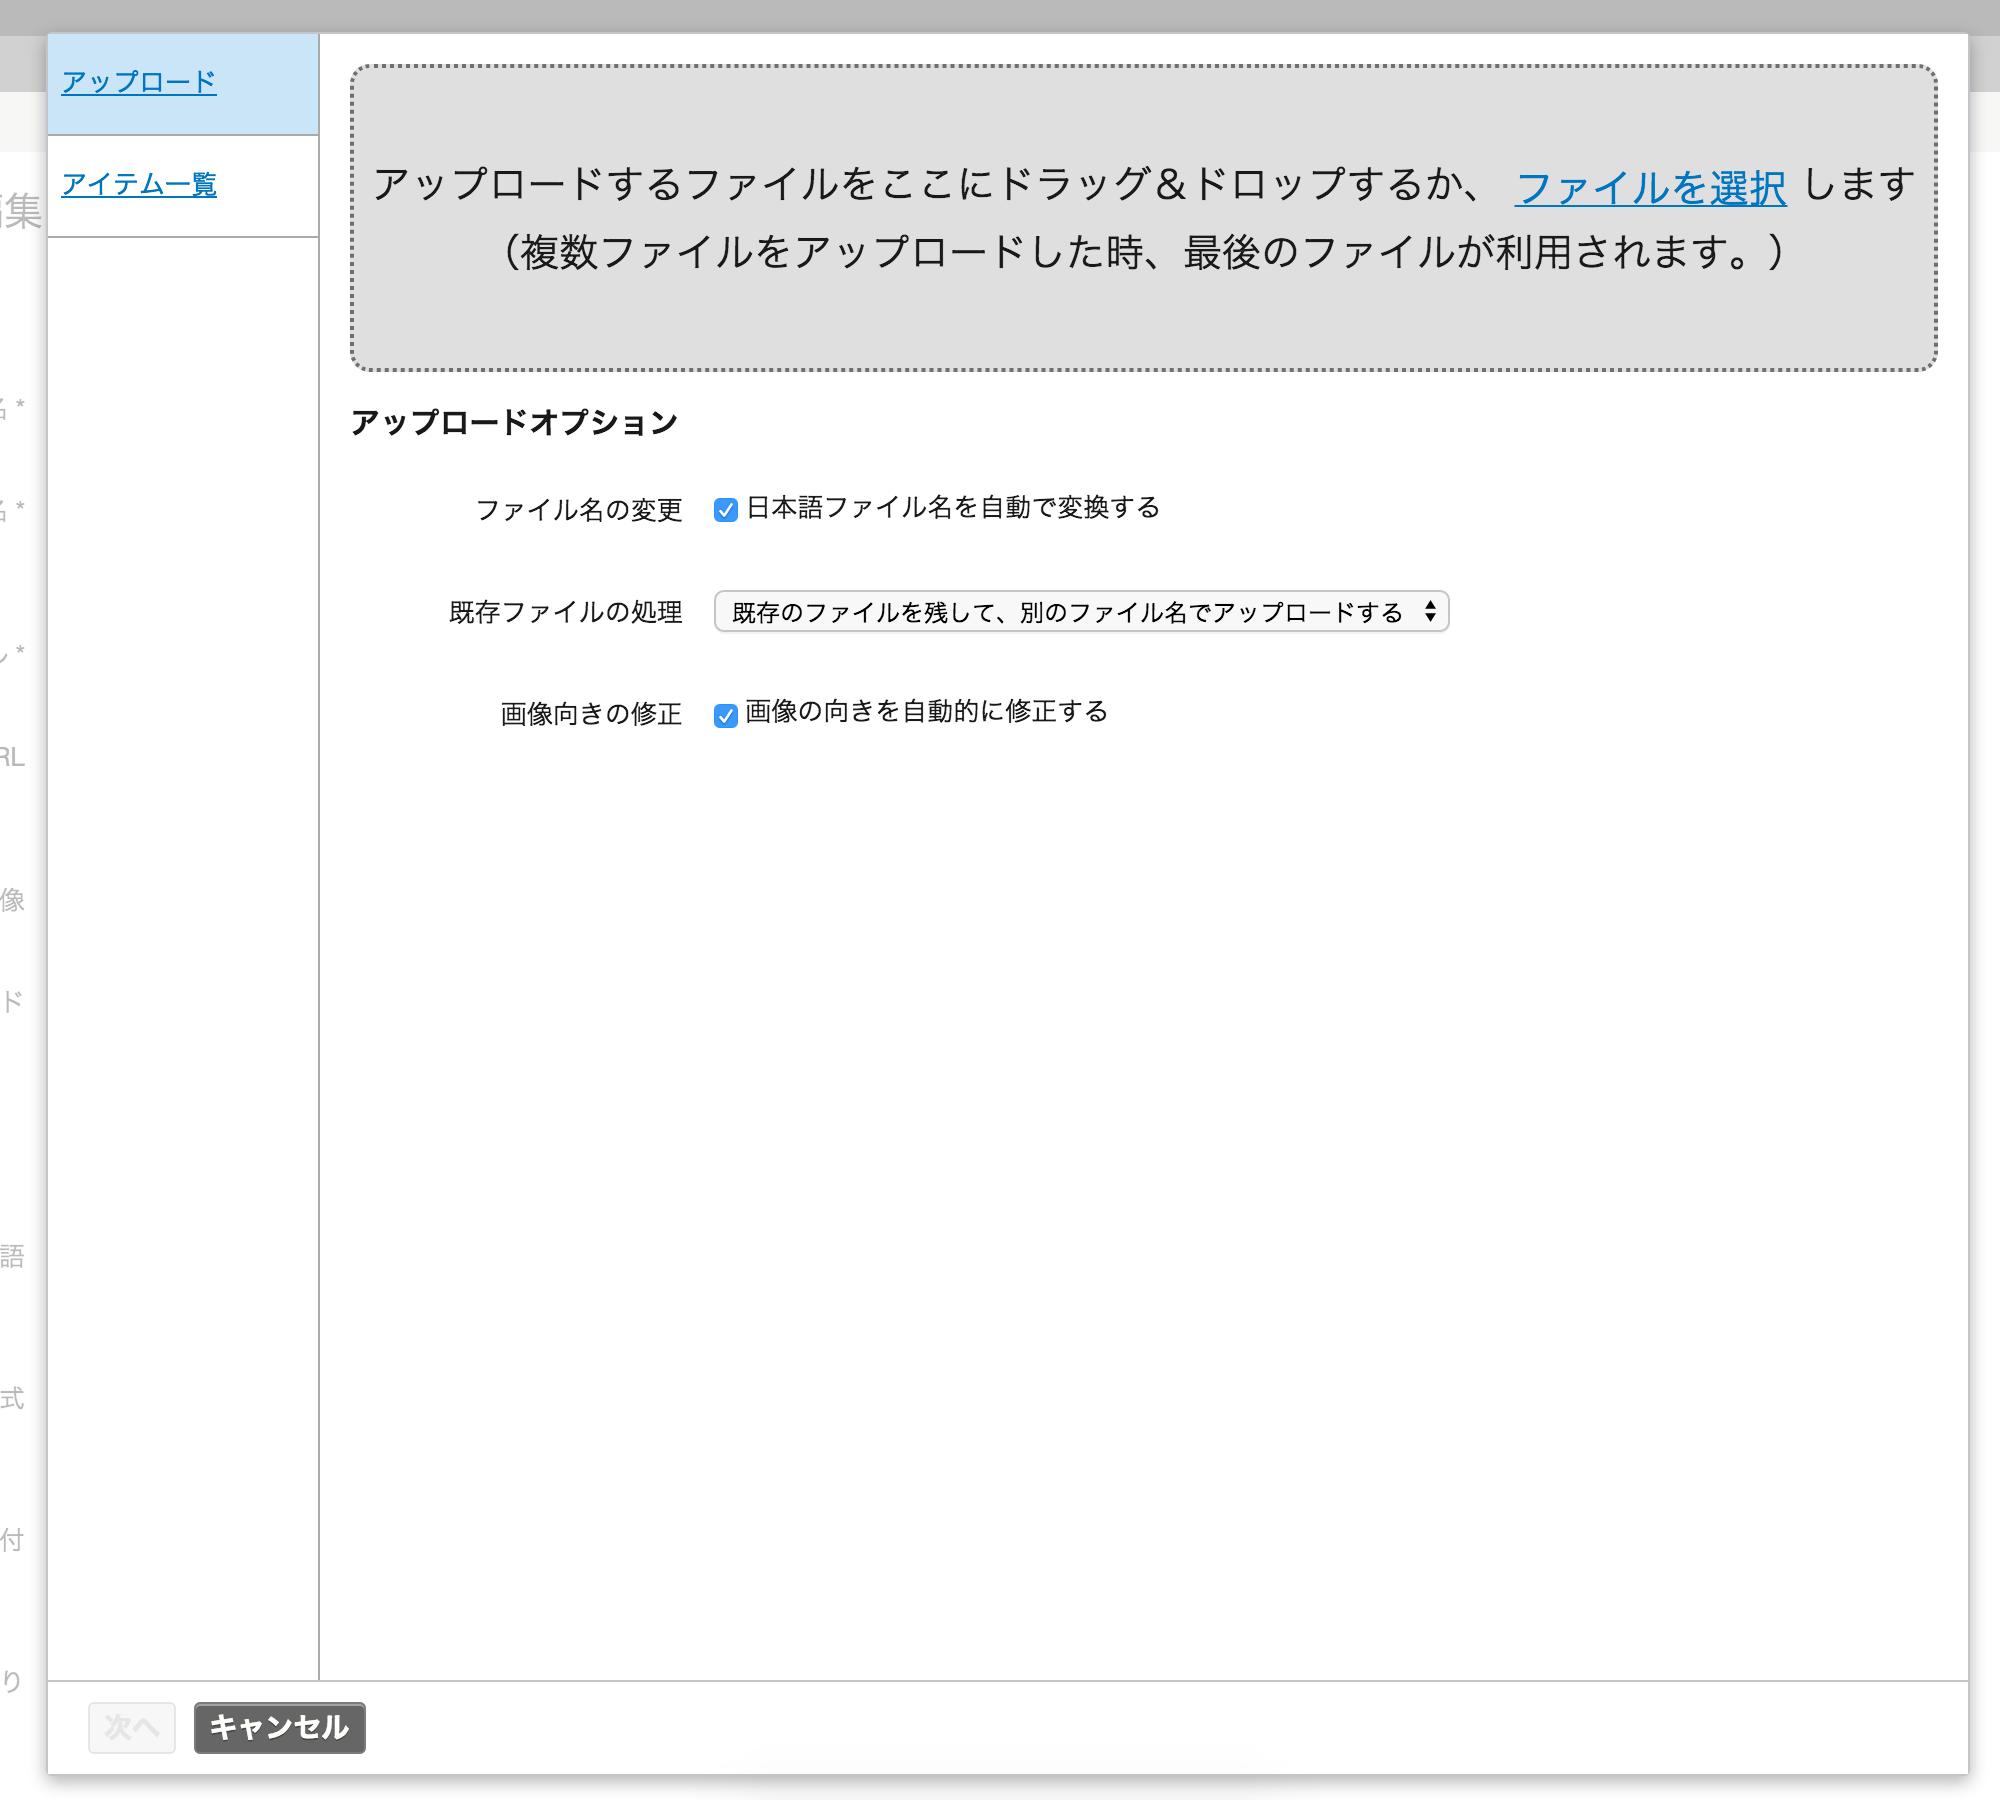 プロフィール画像のアップロード